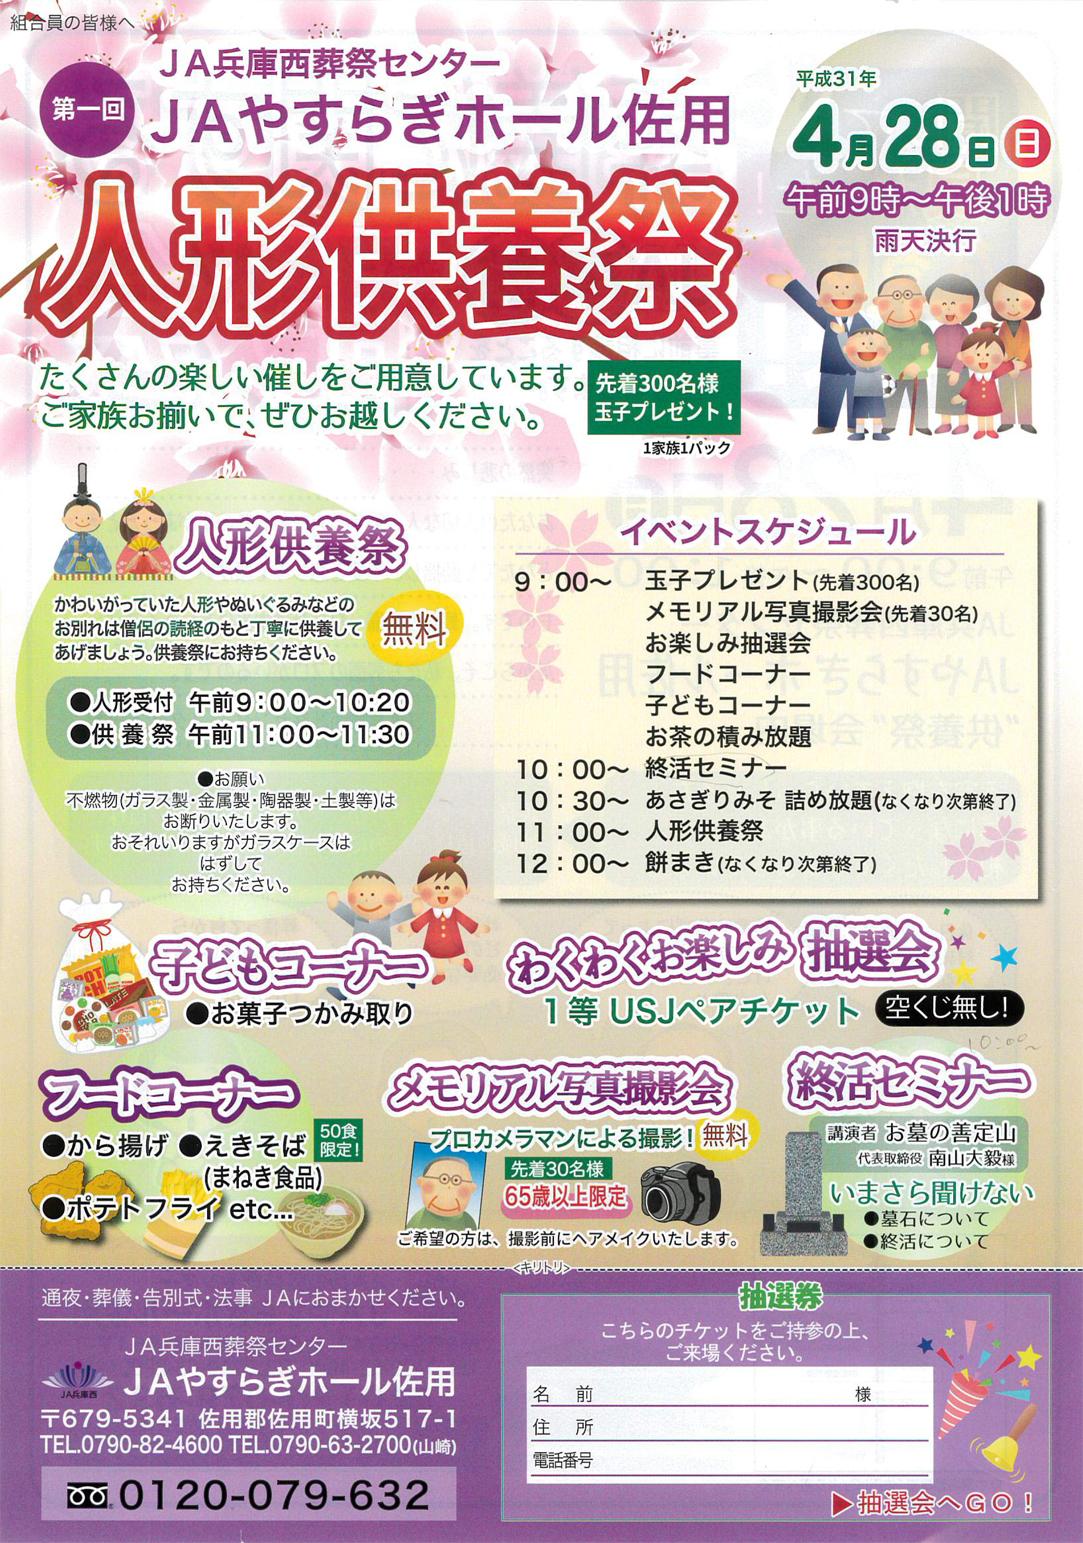 2019年4月28日(日) JAやすらぎホール佐用 人形供養祭にて「終活セミナー」開催